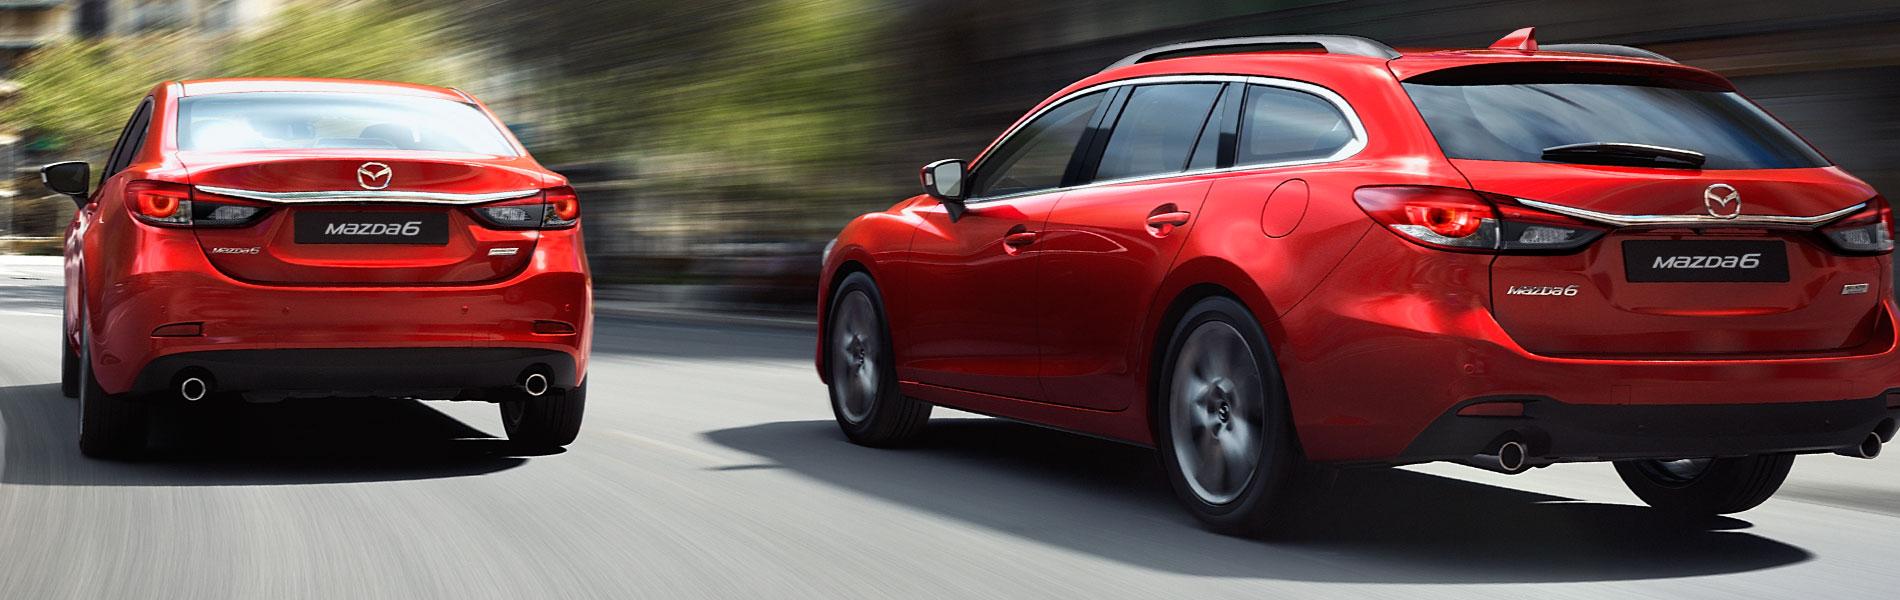 Mazda Mazda6 Image 0